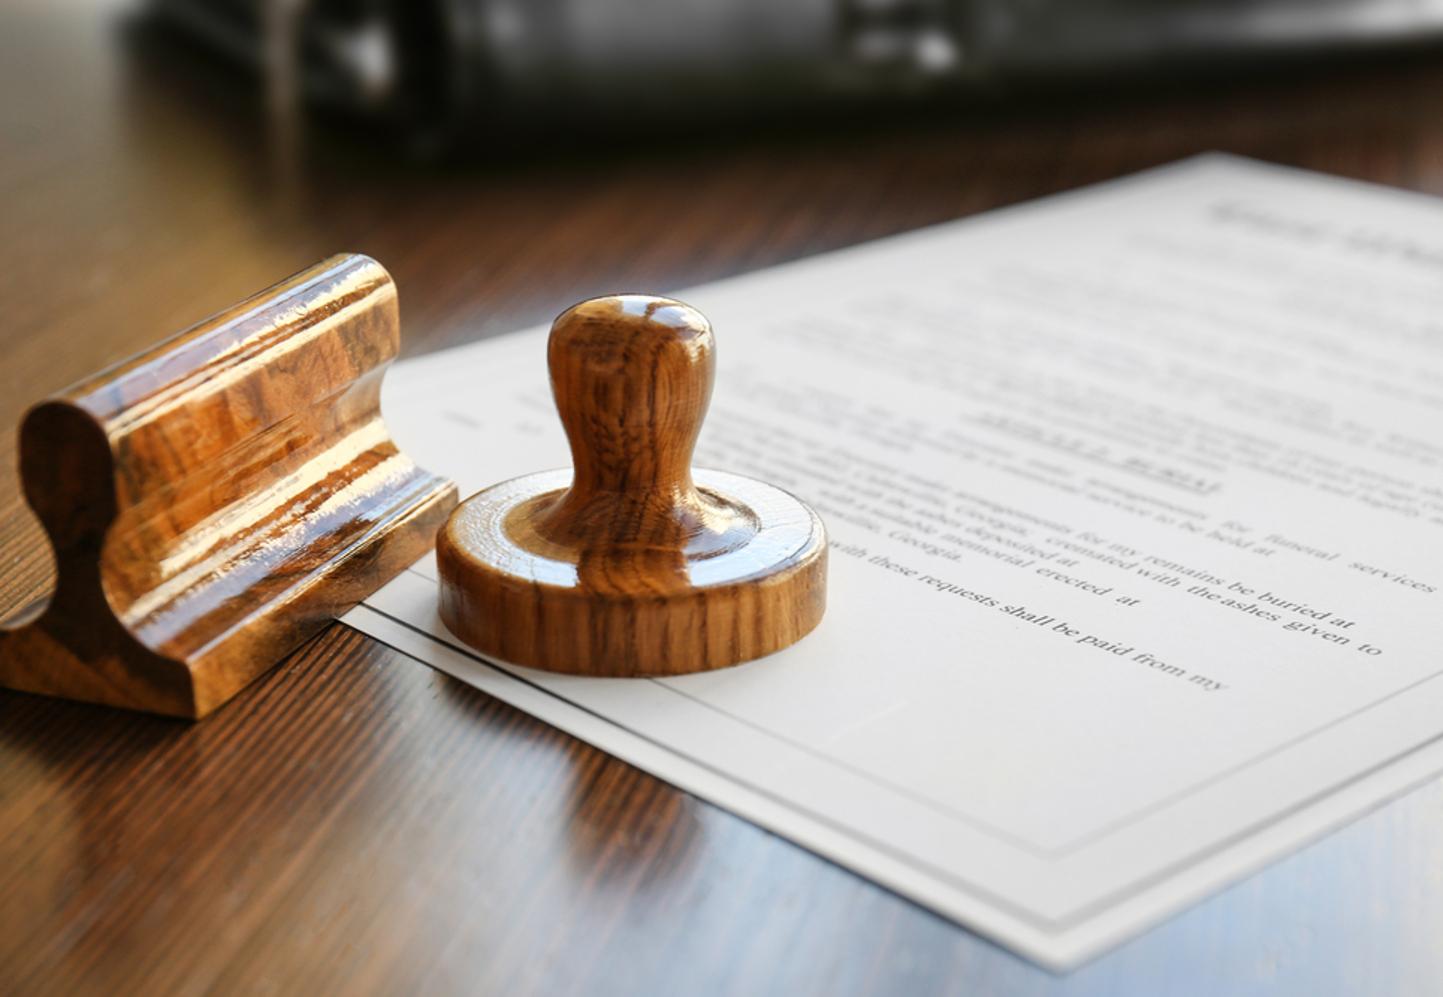 tramites legales en estados unidos